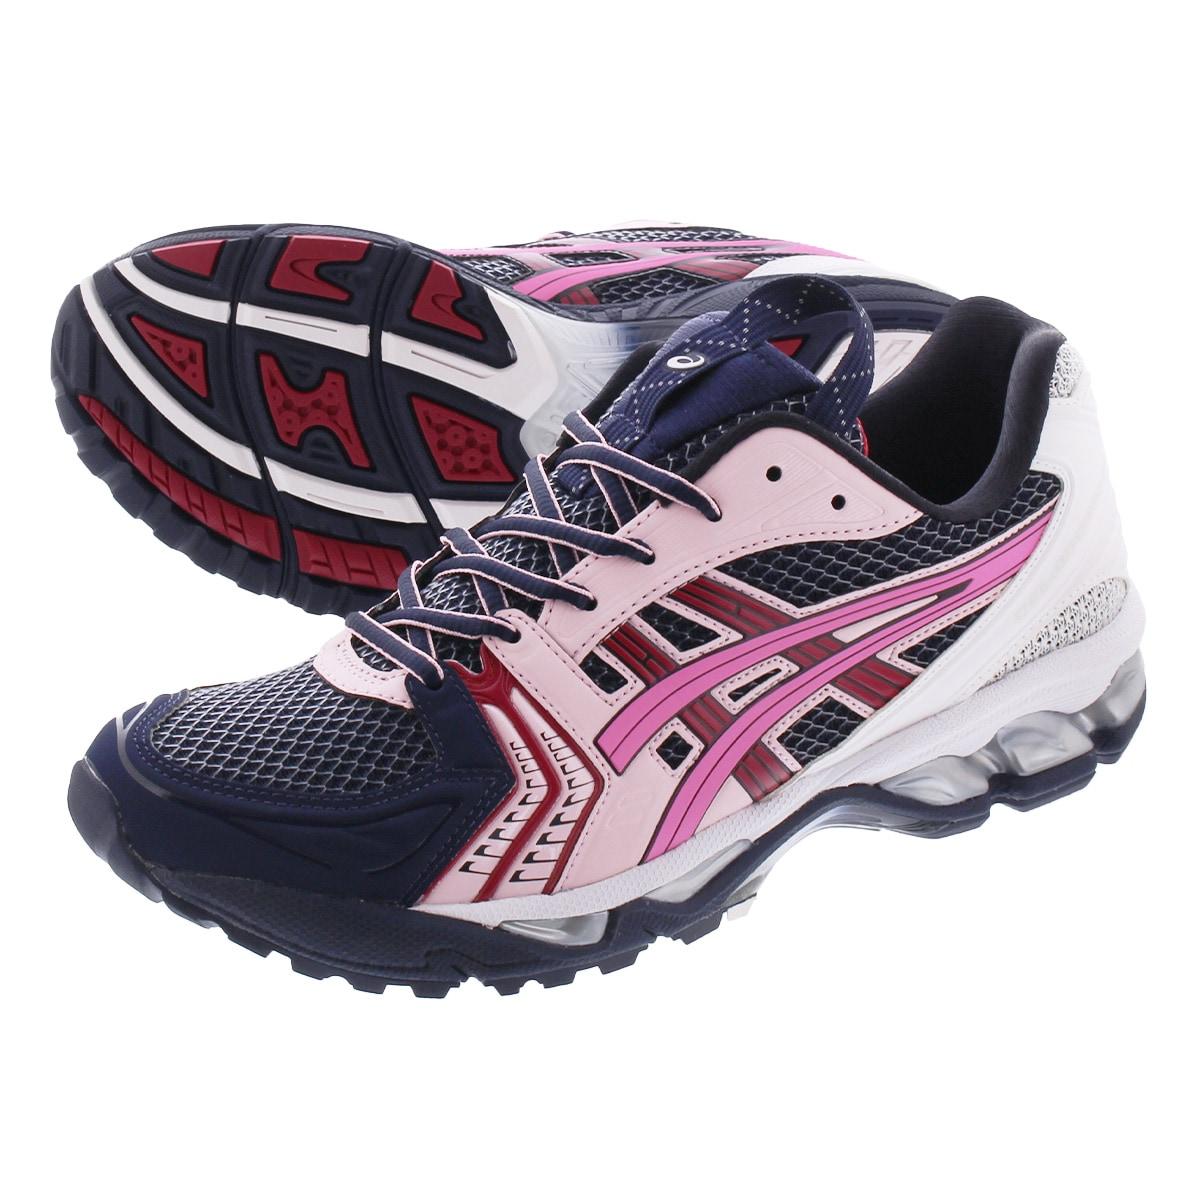 メンズ靴, スニーカー ASICS SPORTSTYLE UB1-S GEL-KAYANO 14 KIKO KOSTADINOV 1 14 MIDNIGHTWHITE 1202a127-400